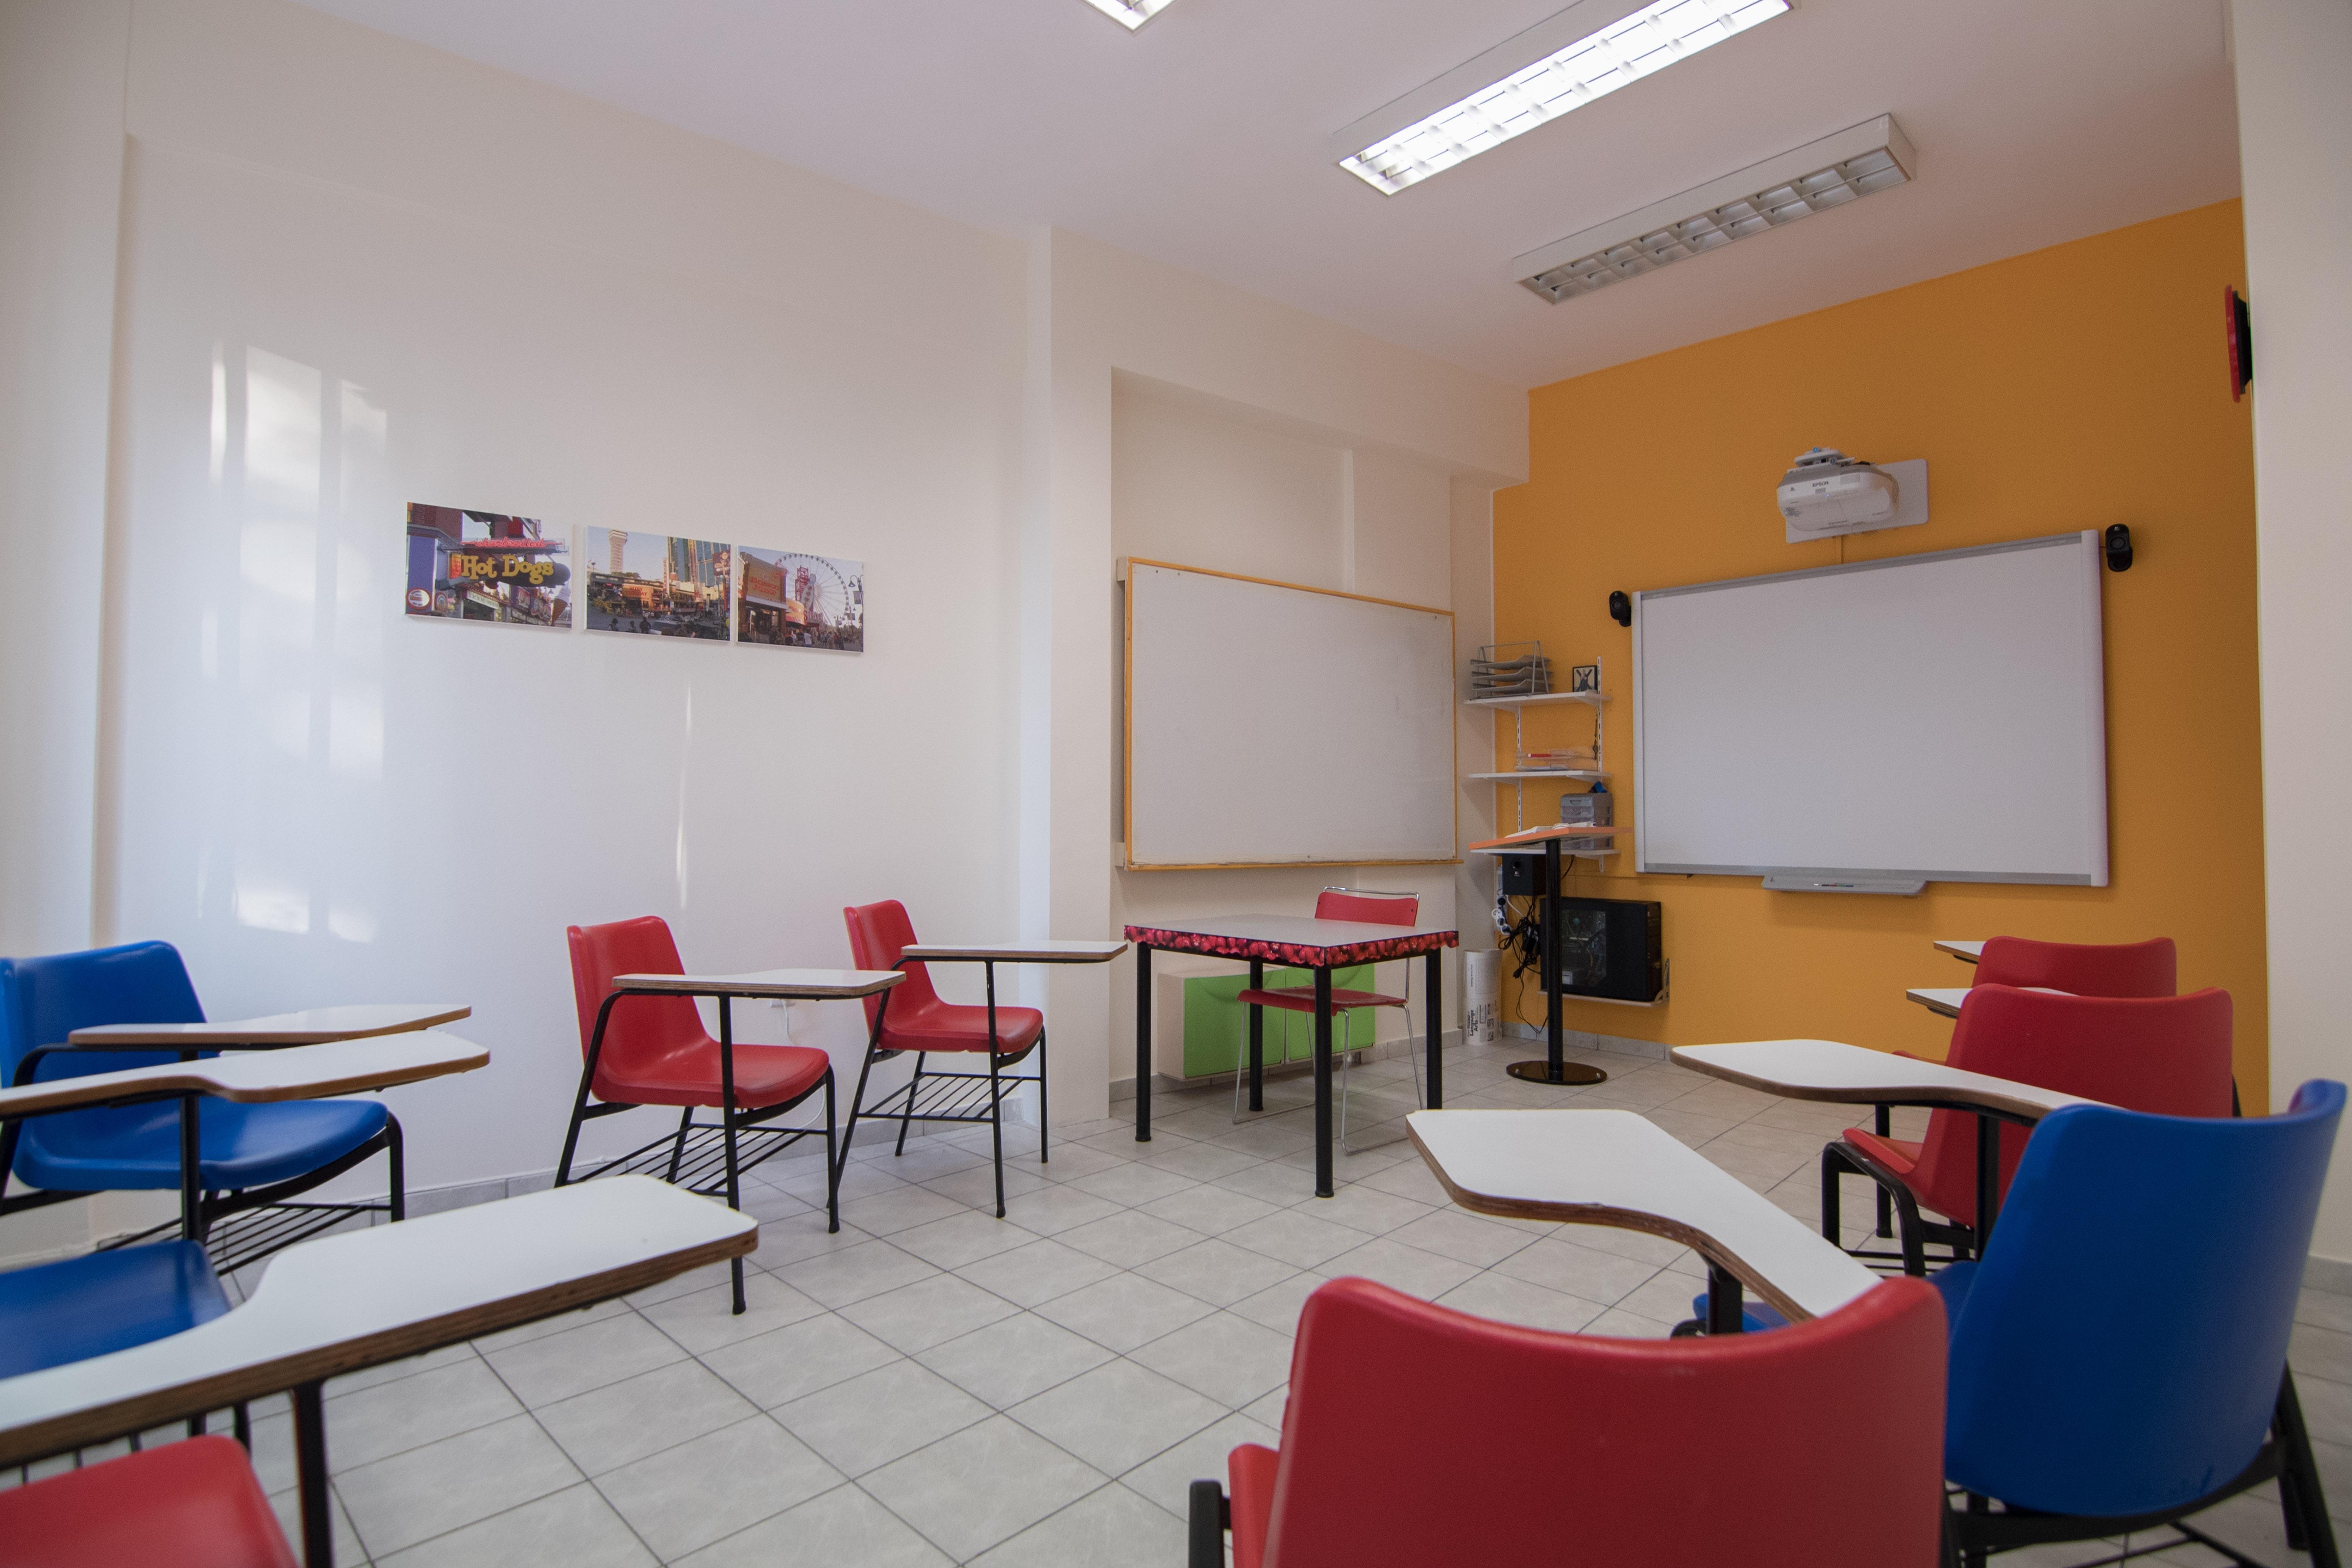 Αίθουσα 4 κεντρικού σχολείου